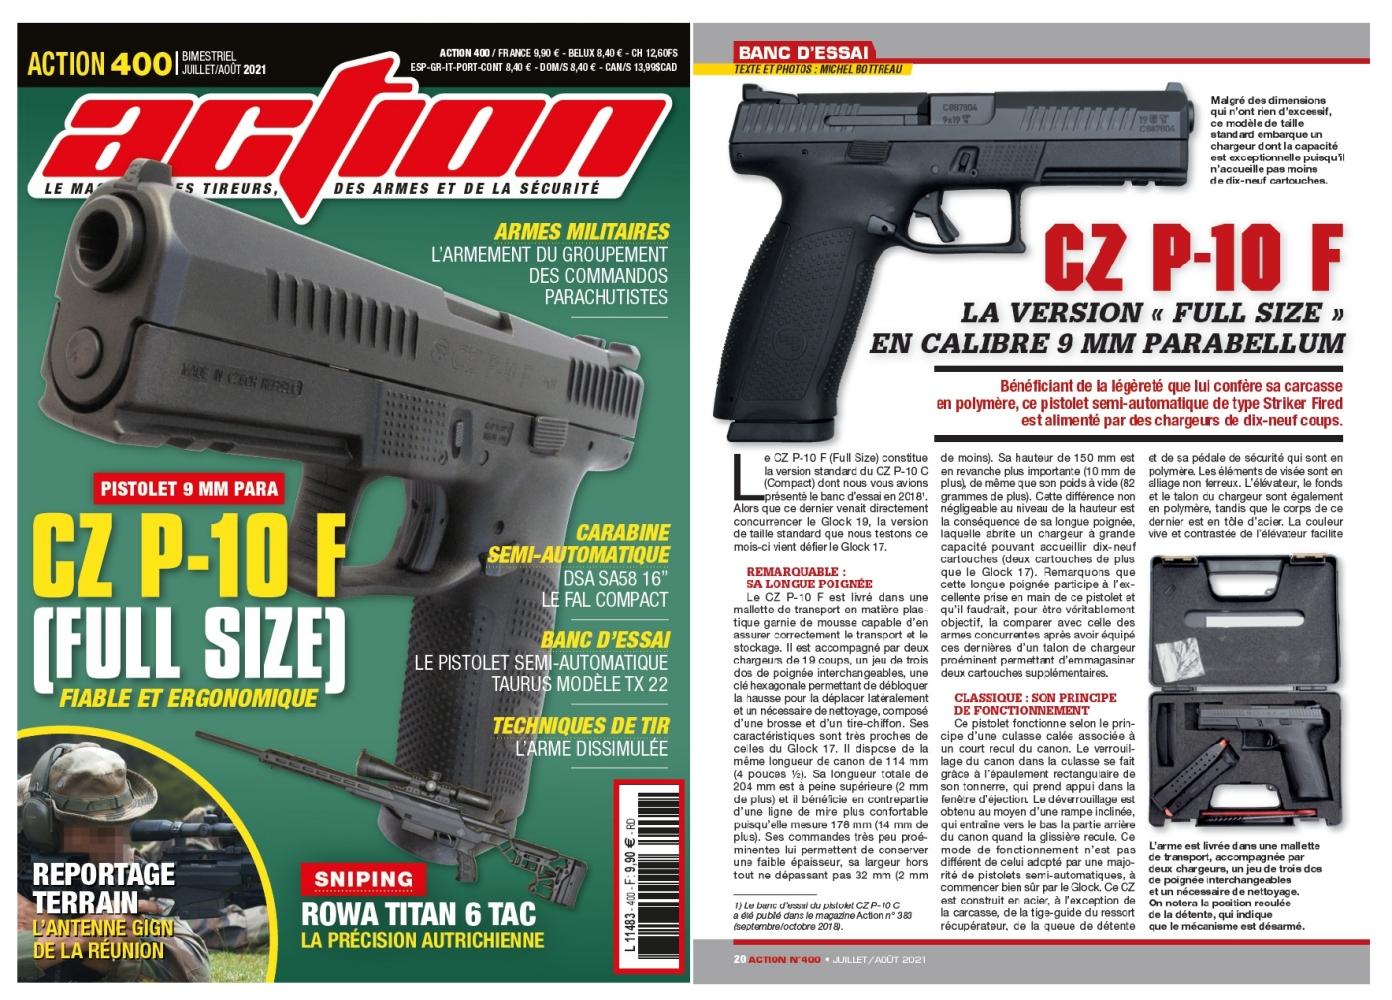 Le banc d'essai du pistolet CZ P-10 F a été publié sur 6 pages dans le magazine Action n°400 (juillet-août 2021).